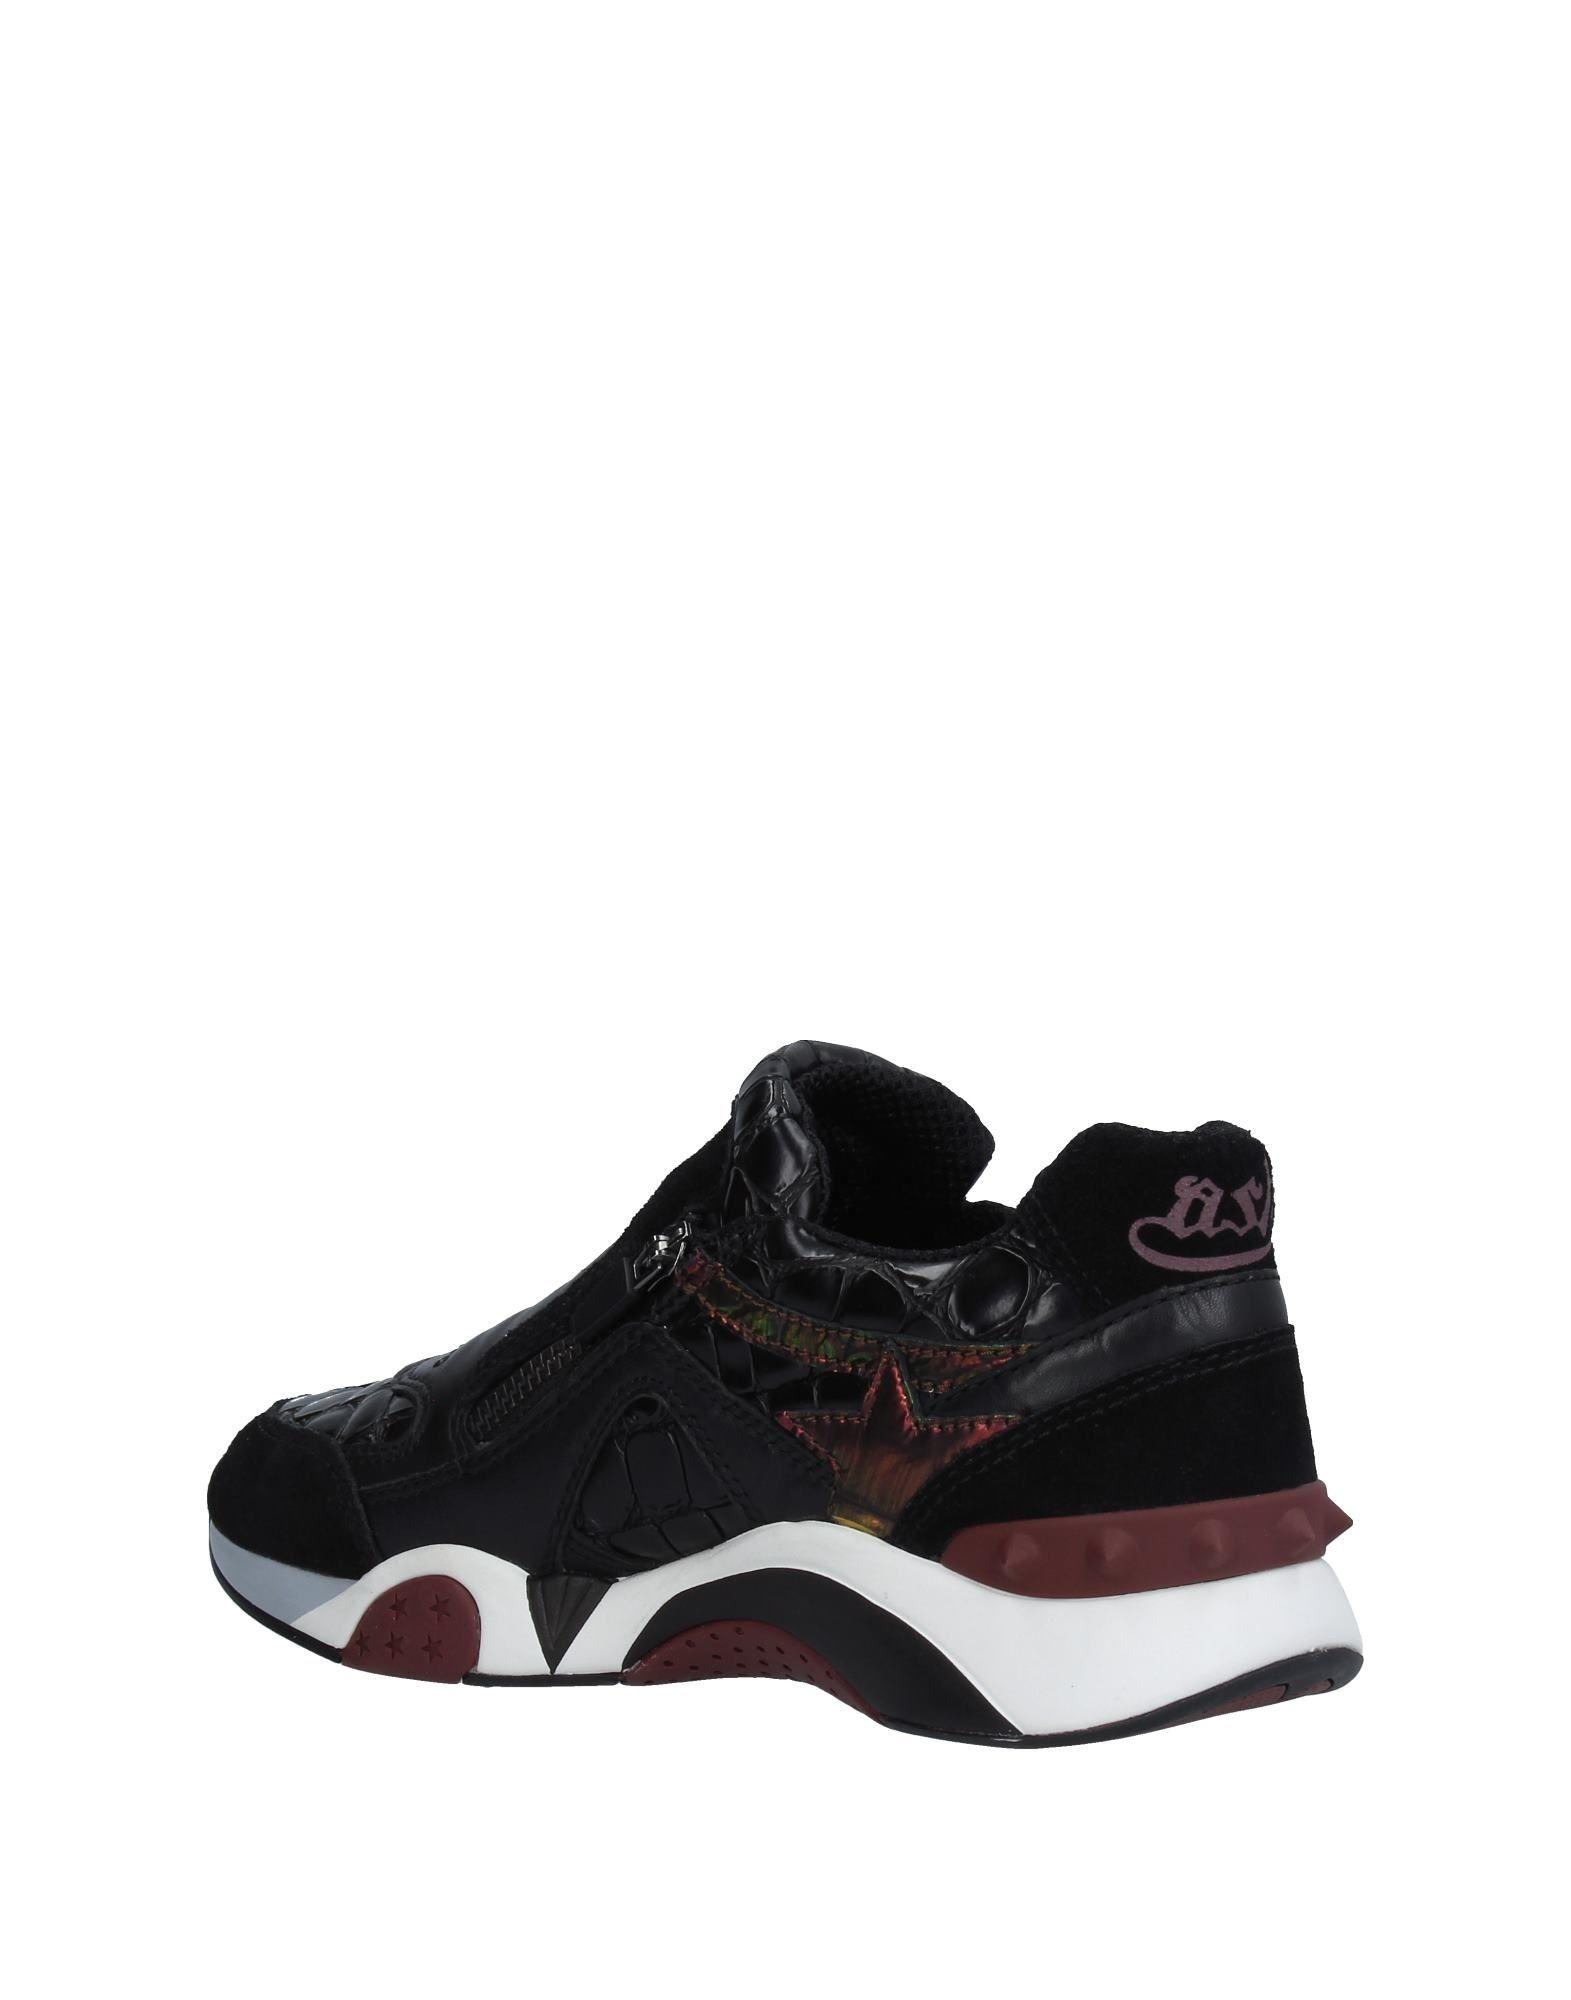 Ash Sneakers Damen  11211125OU Gute Qualität beliebte Schuhe